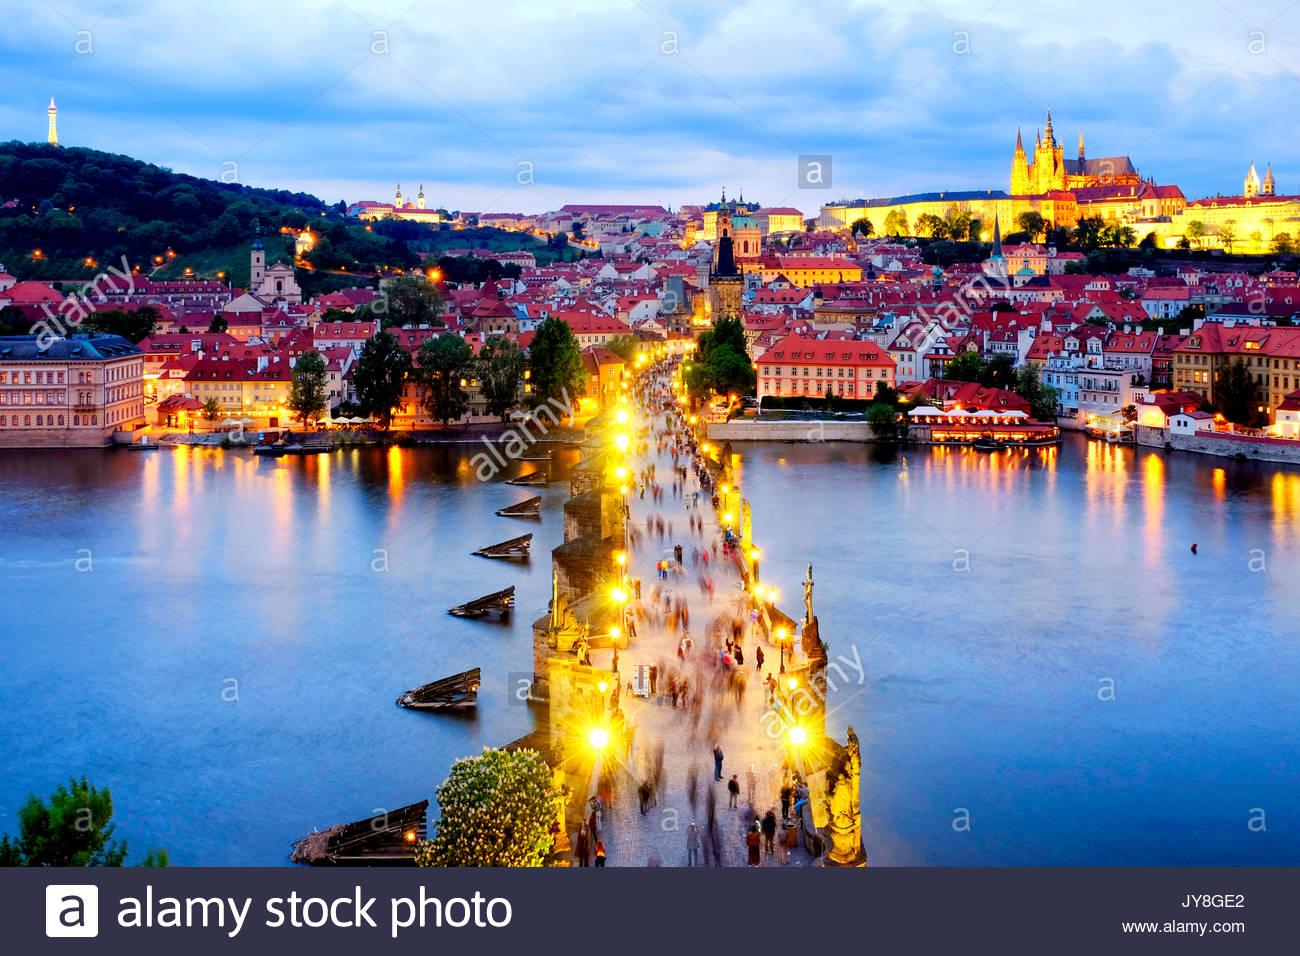 Puente de Carlos, Praga, República Checa Imagen De Stock